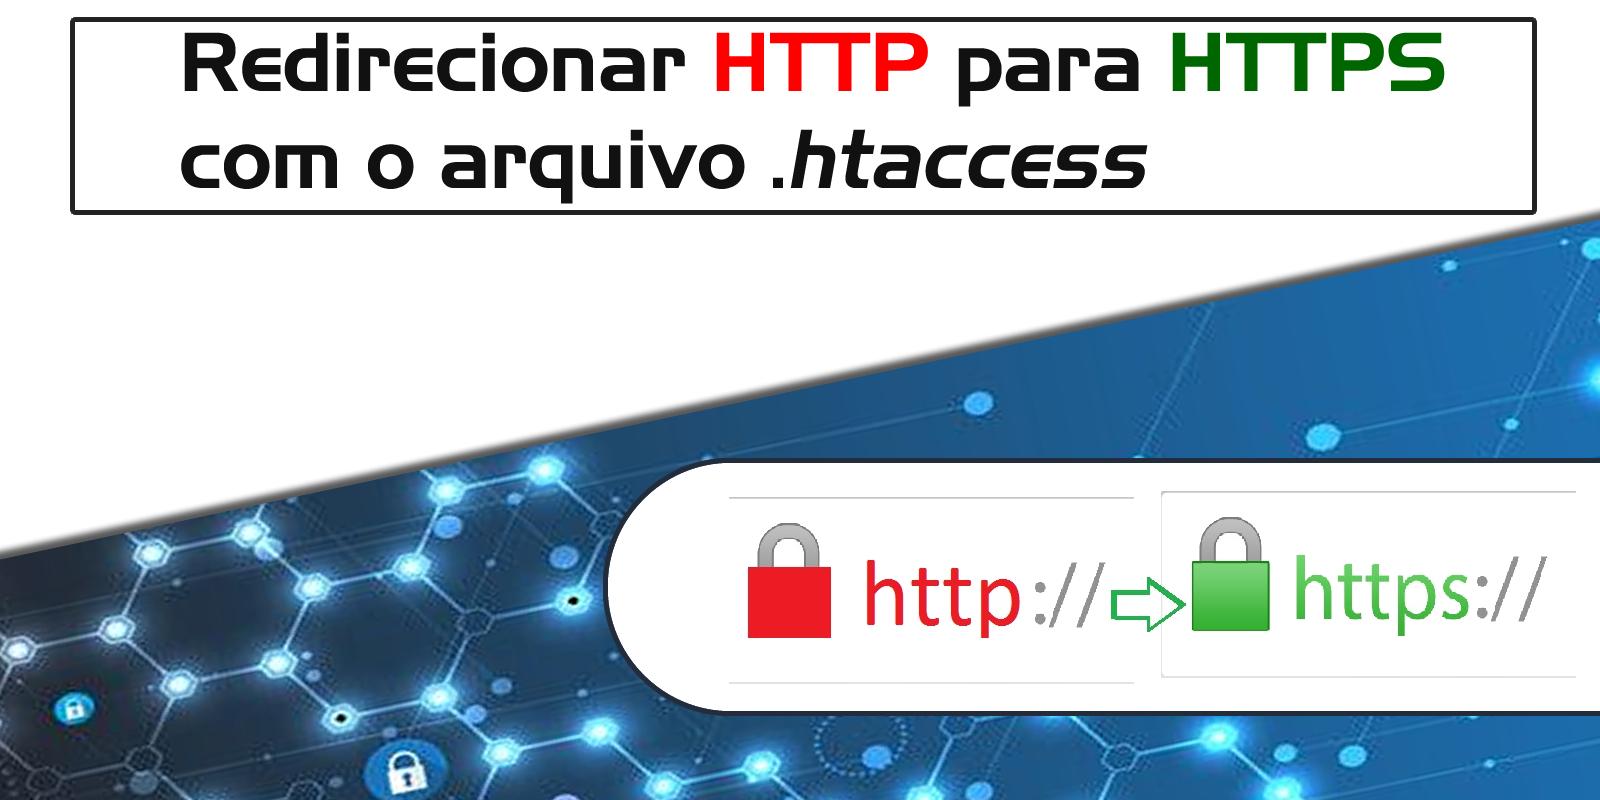 Aprenda a redirecionar HTTP para HTTPS via arquivo htaccess